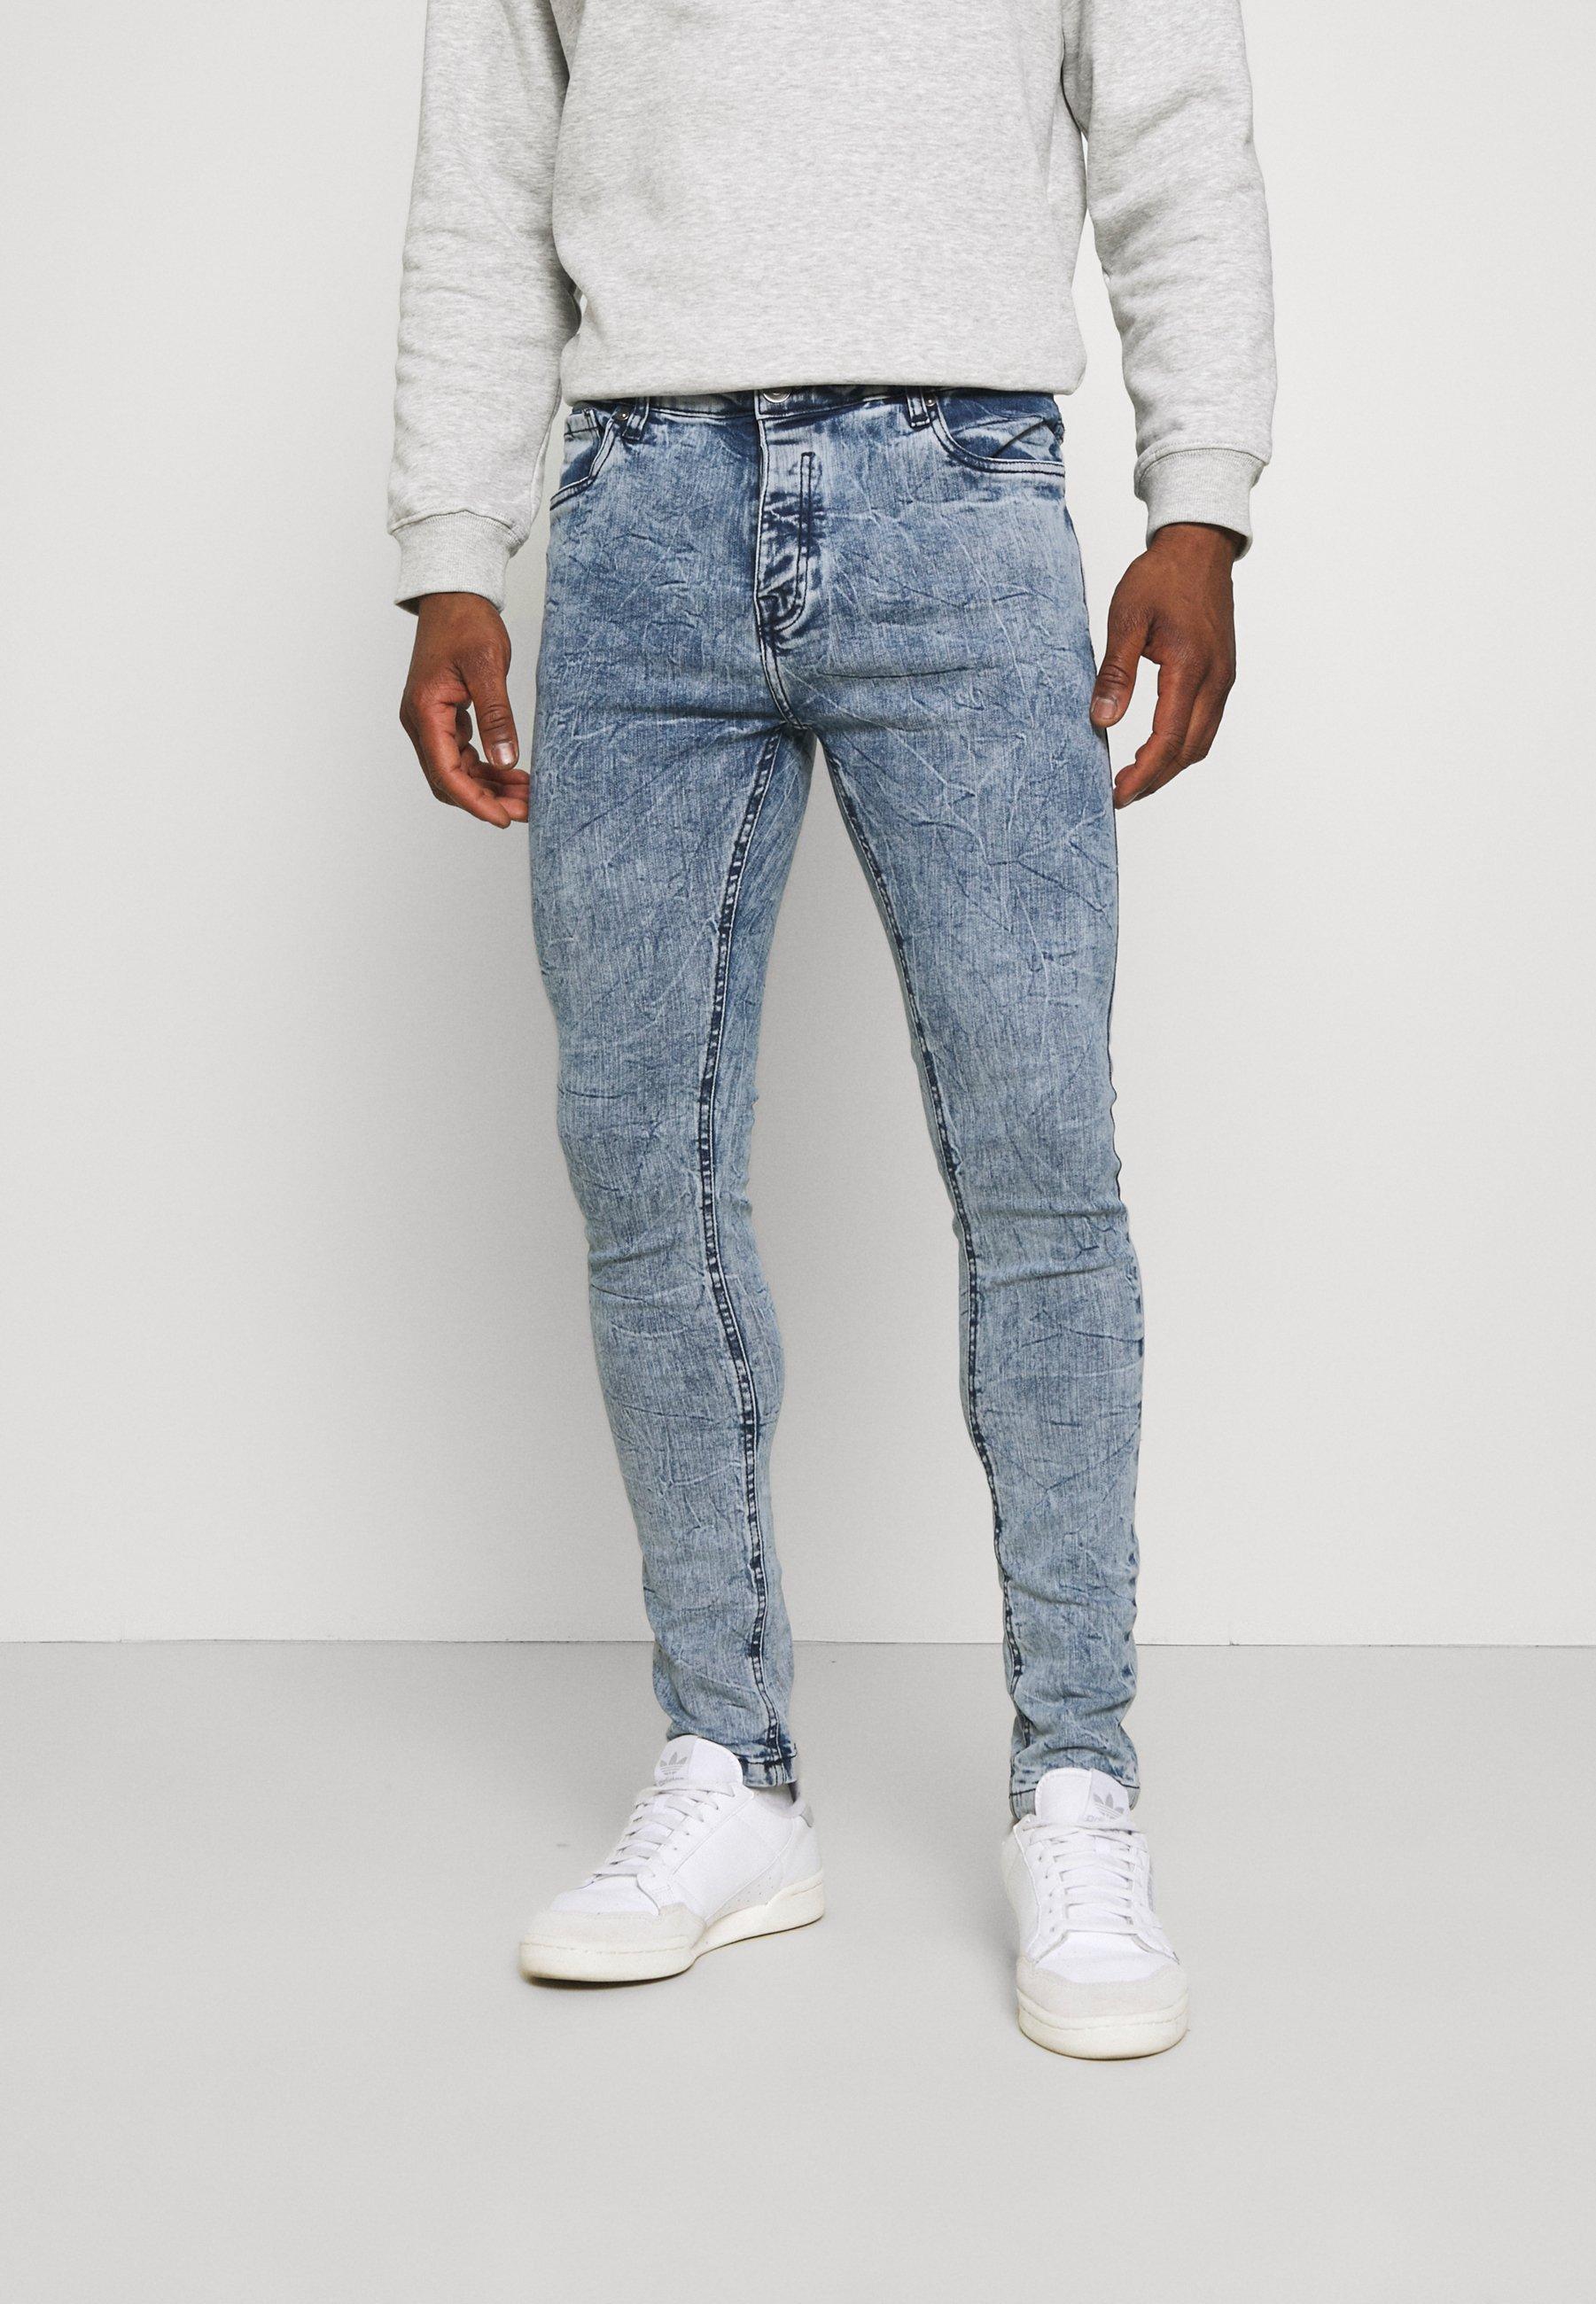 Men Jeans Skinny Fit - blue